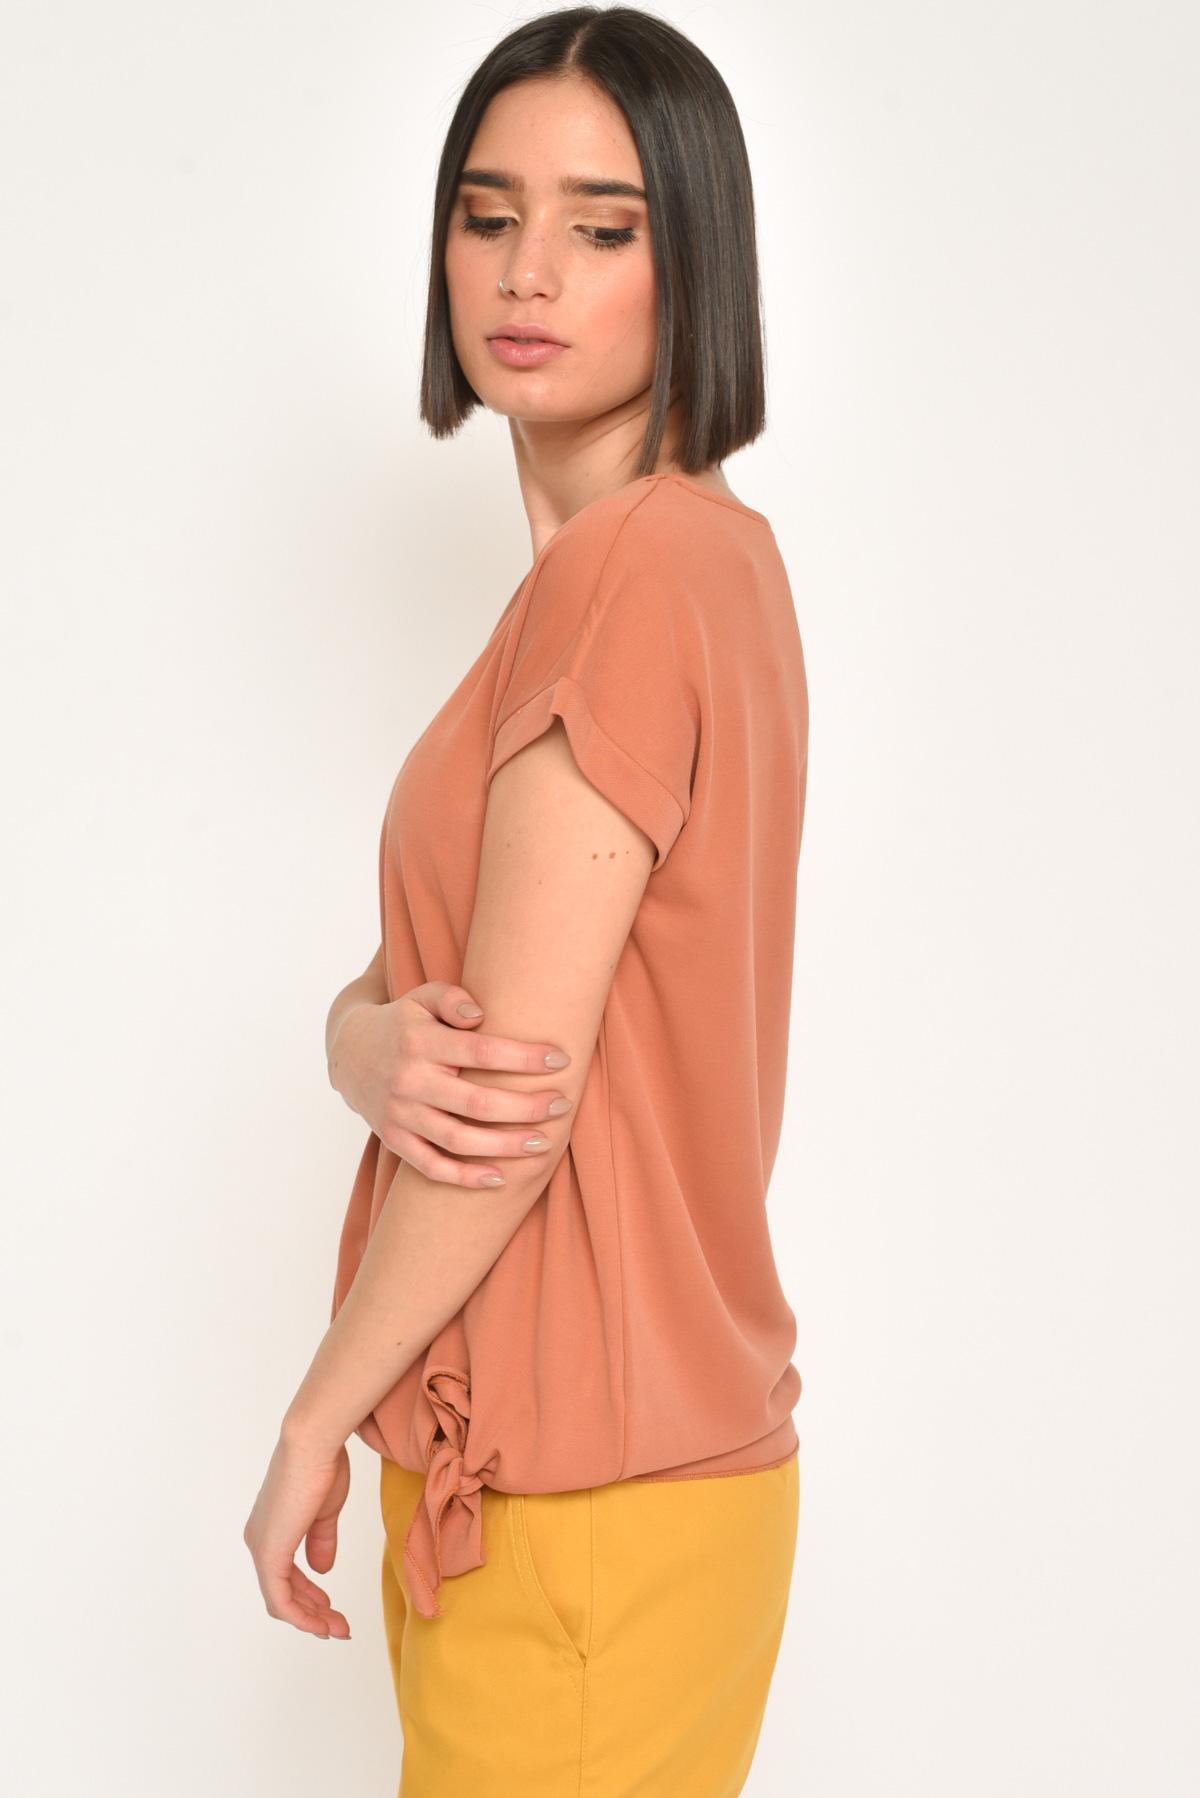 T-SHIRT LINEA MORBIDA CON NODO SUL FONDO  da donna - ARANCIO - Paquito Pronto Moda Shop Online